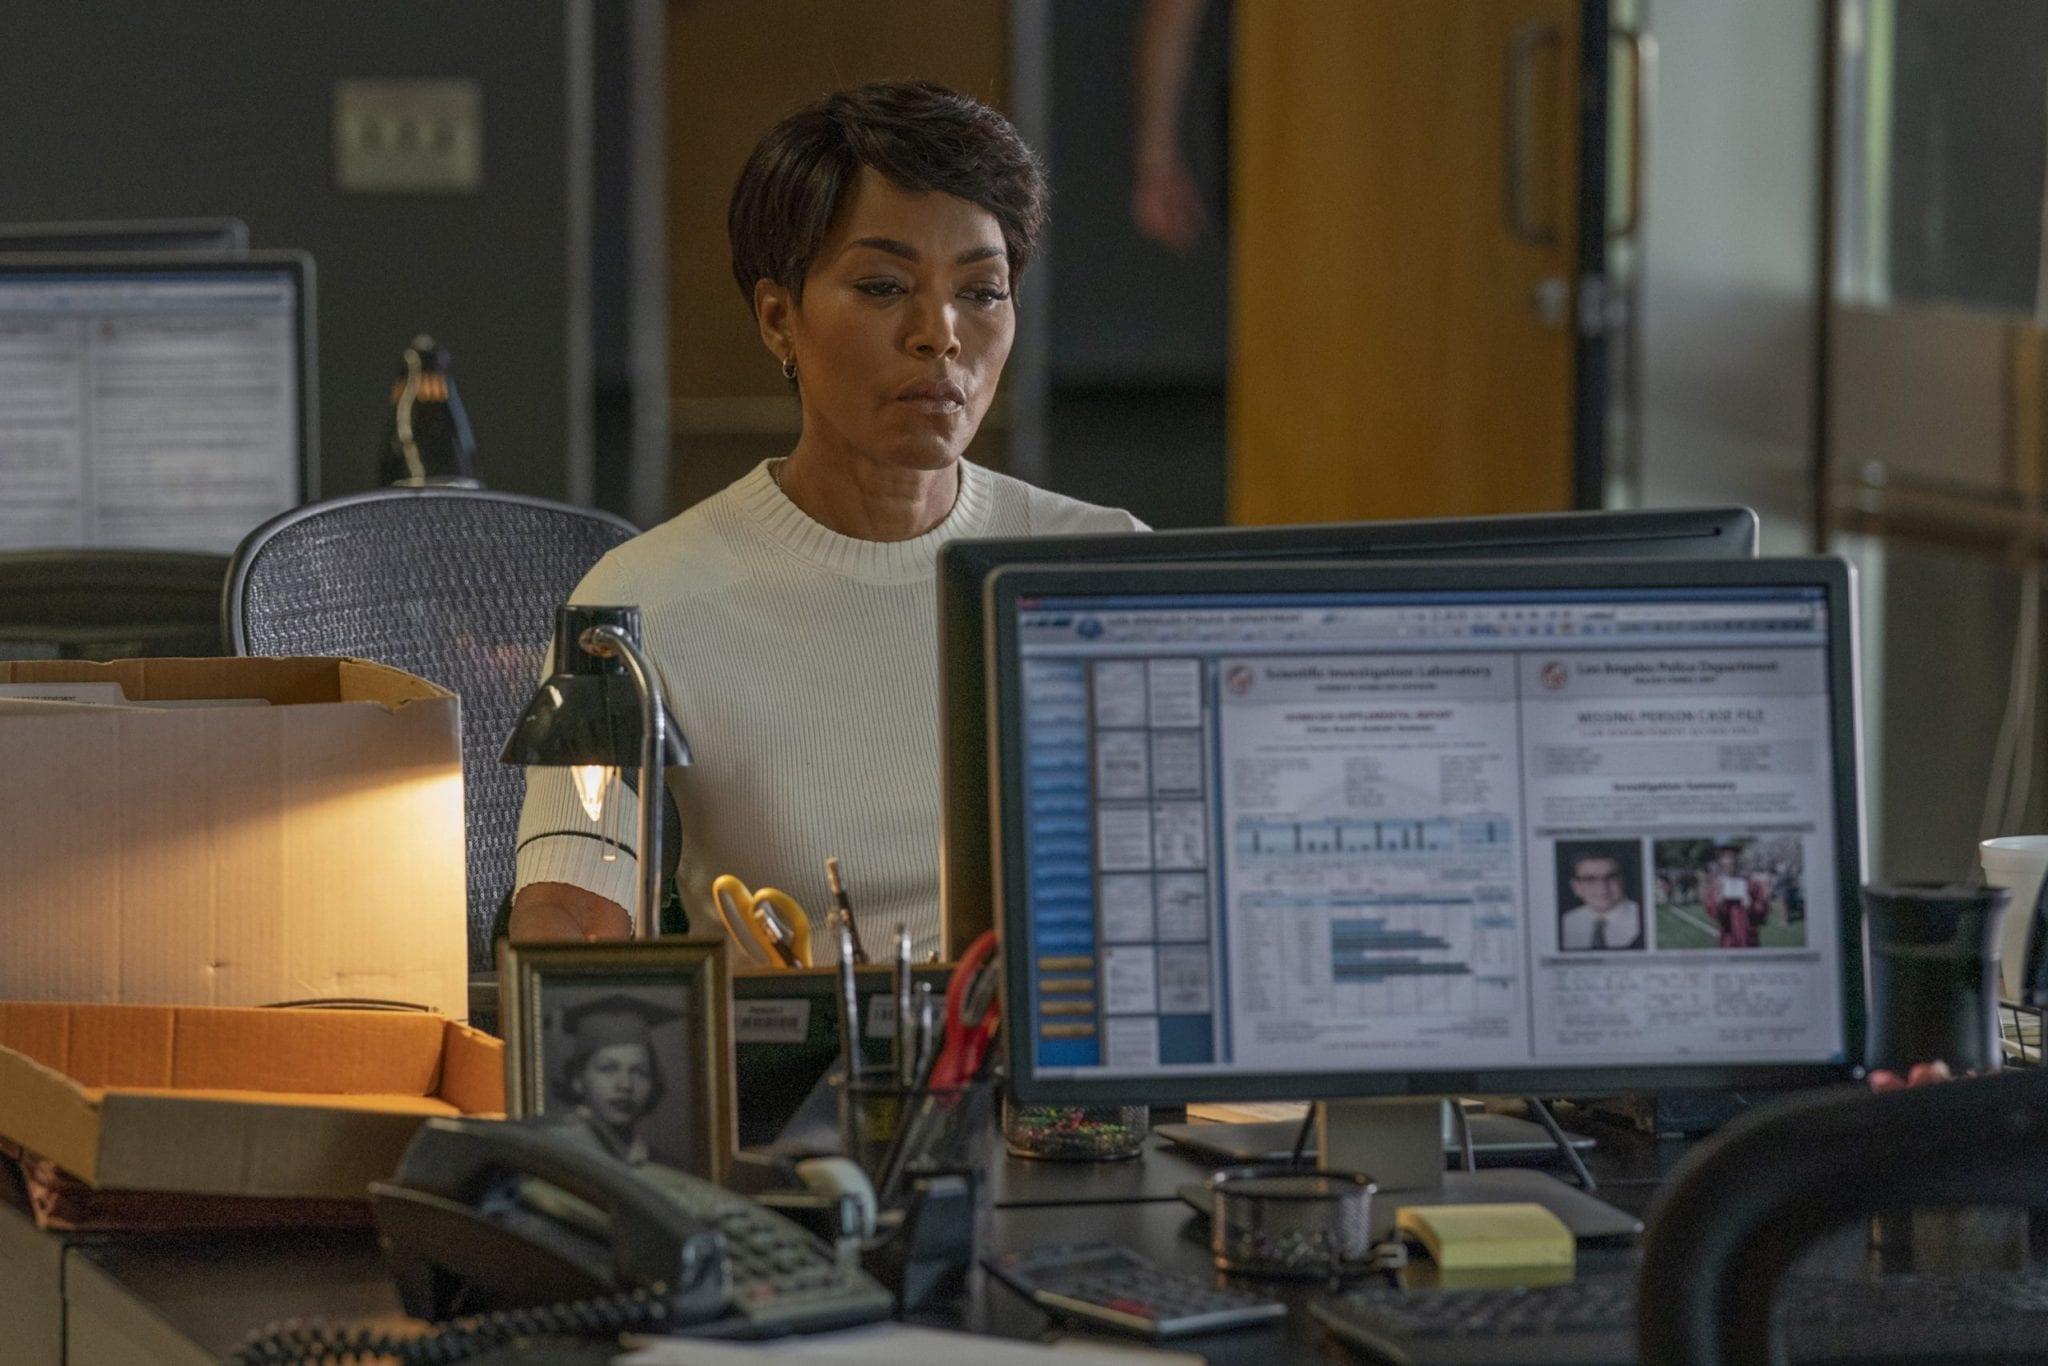 SerieTivu: 9-1-1 quarto appuntamento. Con protagonista Angela Bassett nei panni di Athena Carter Nash, in prima visione tv su RaiDue